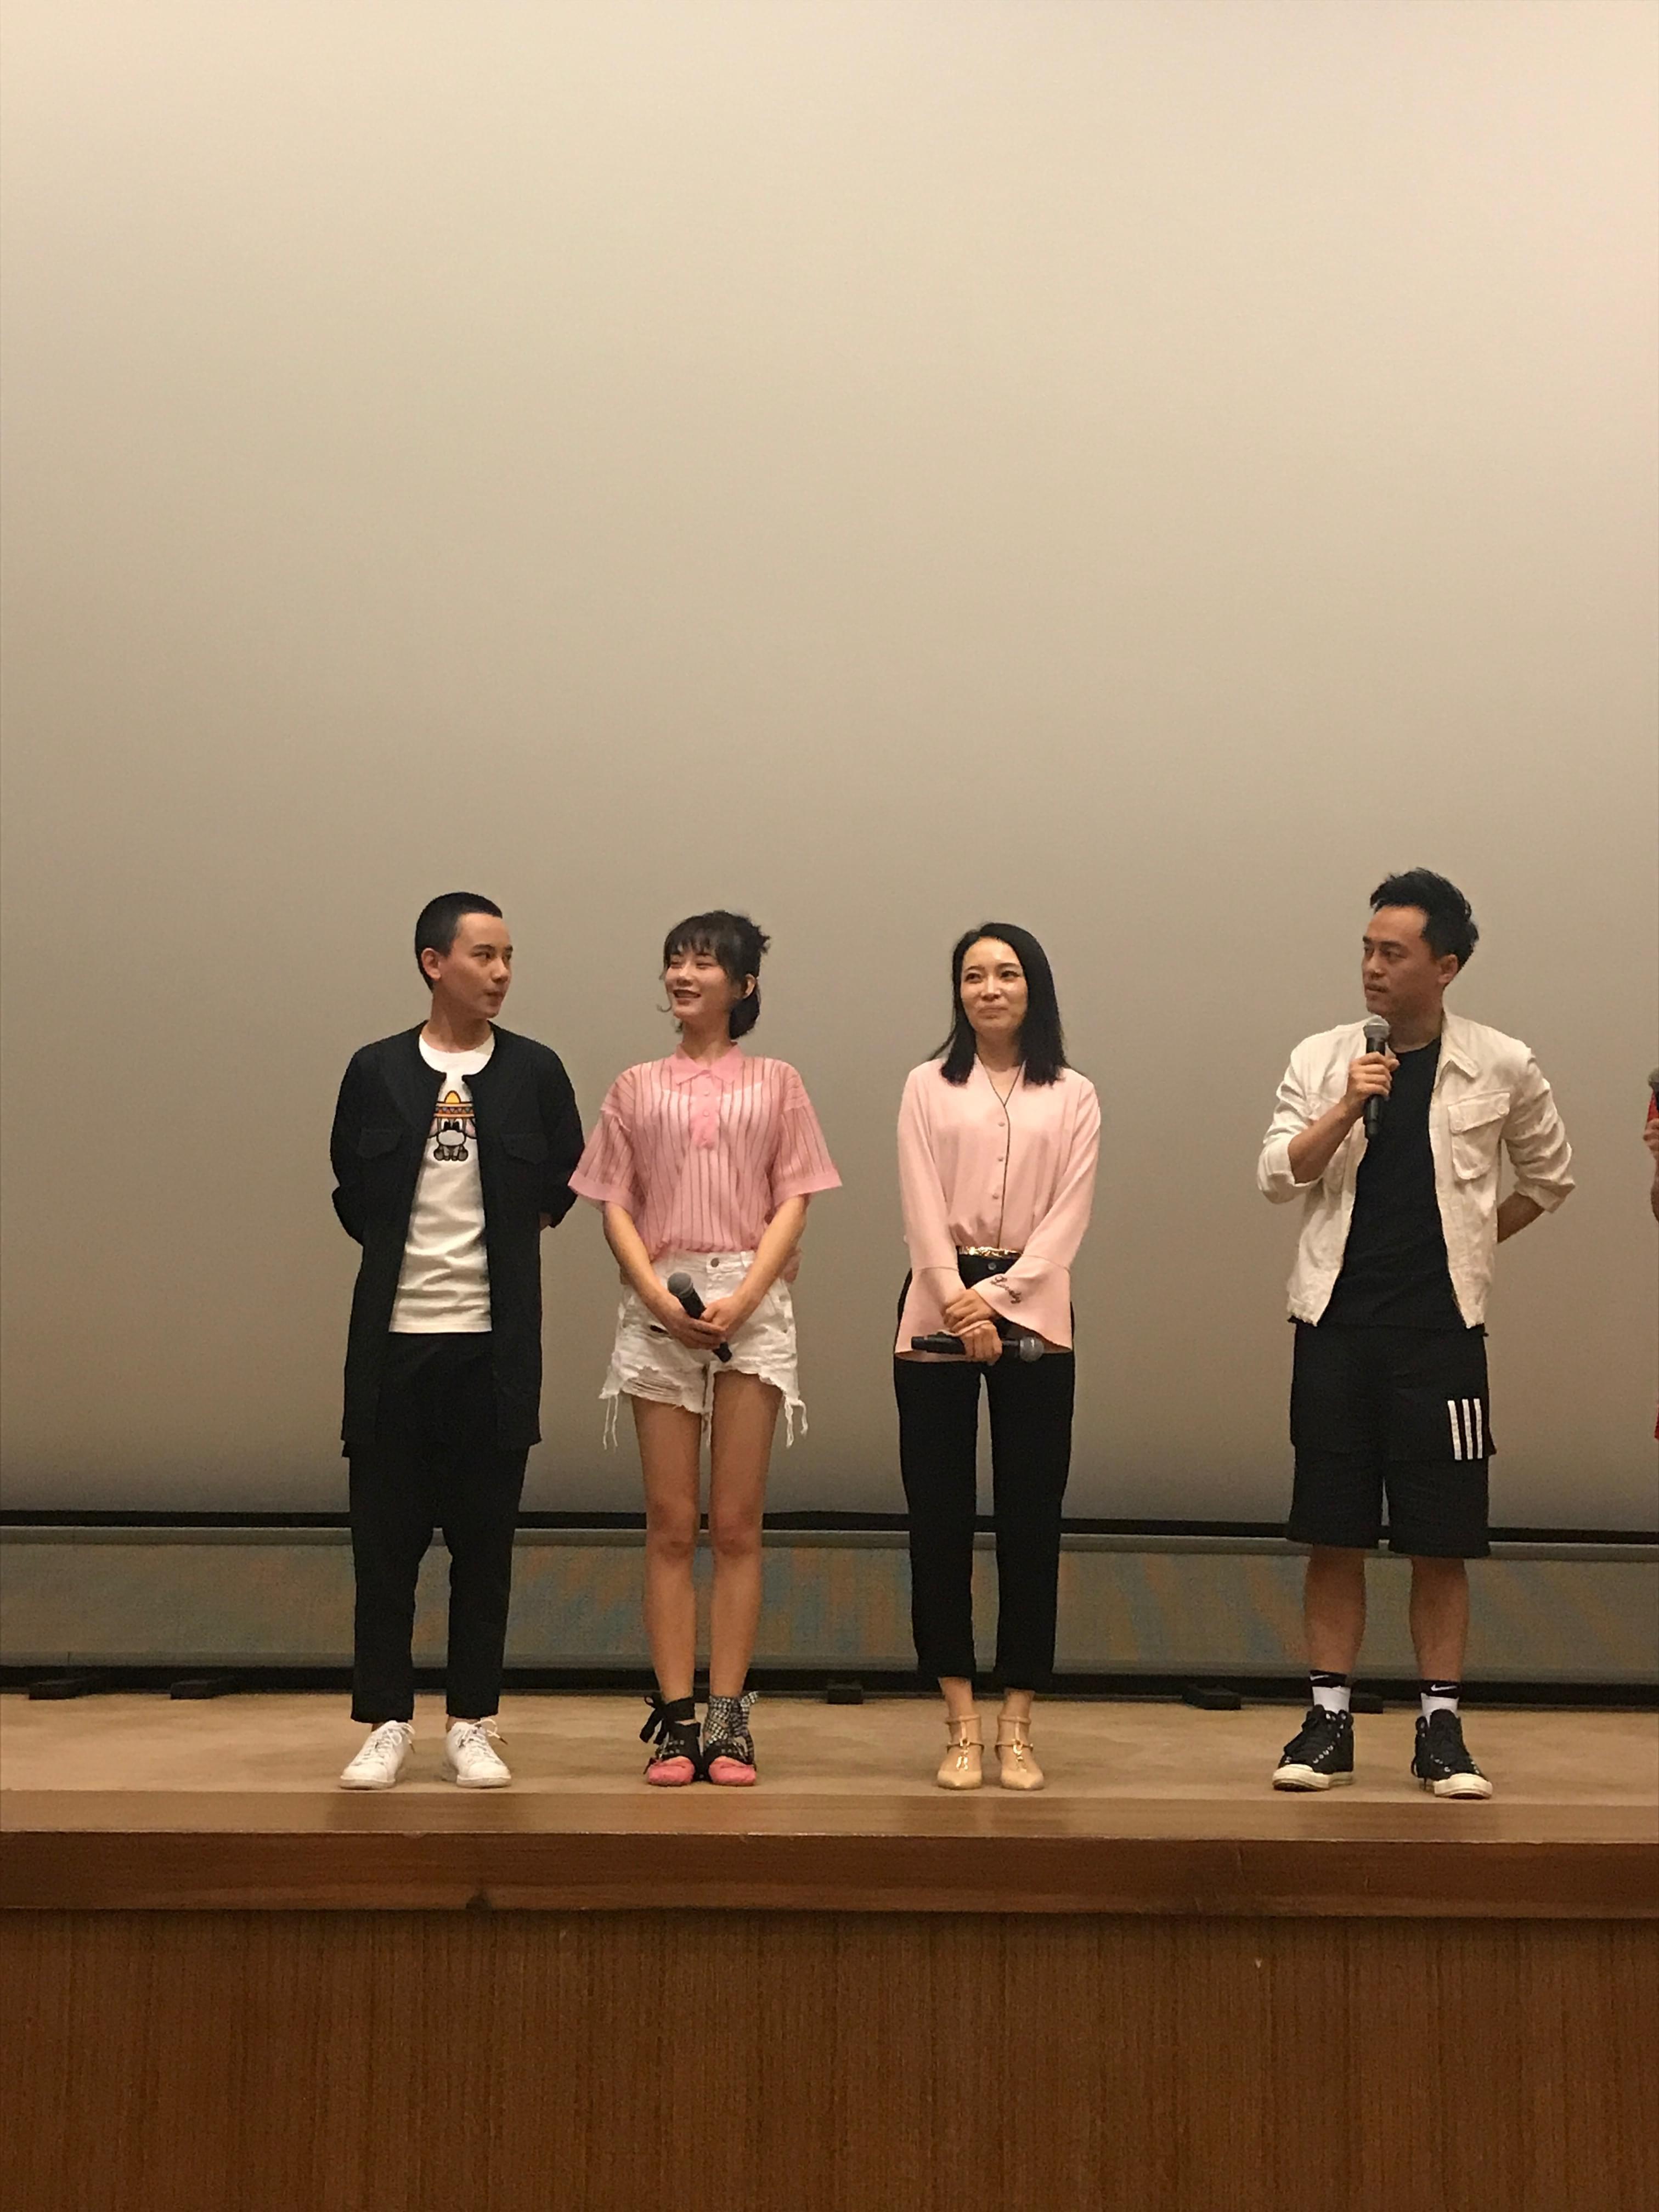 《谁的青春不迷茫》大影节展映 举办主创见面会